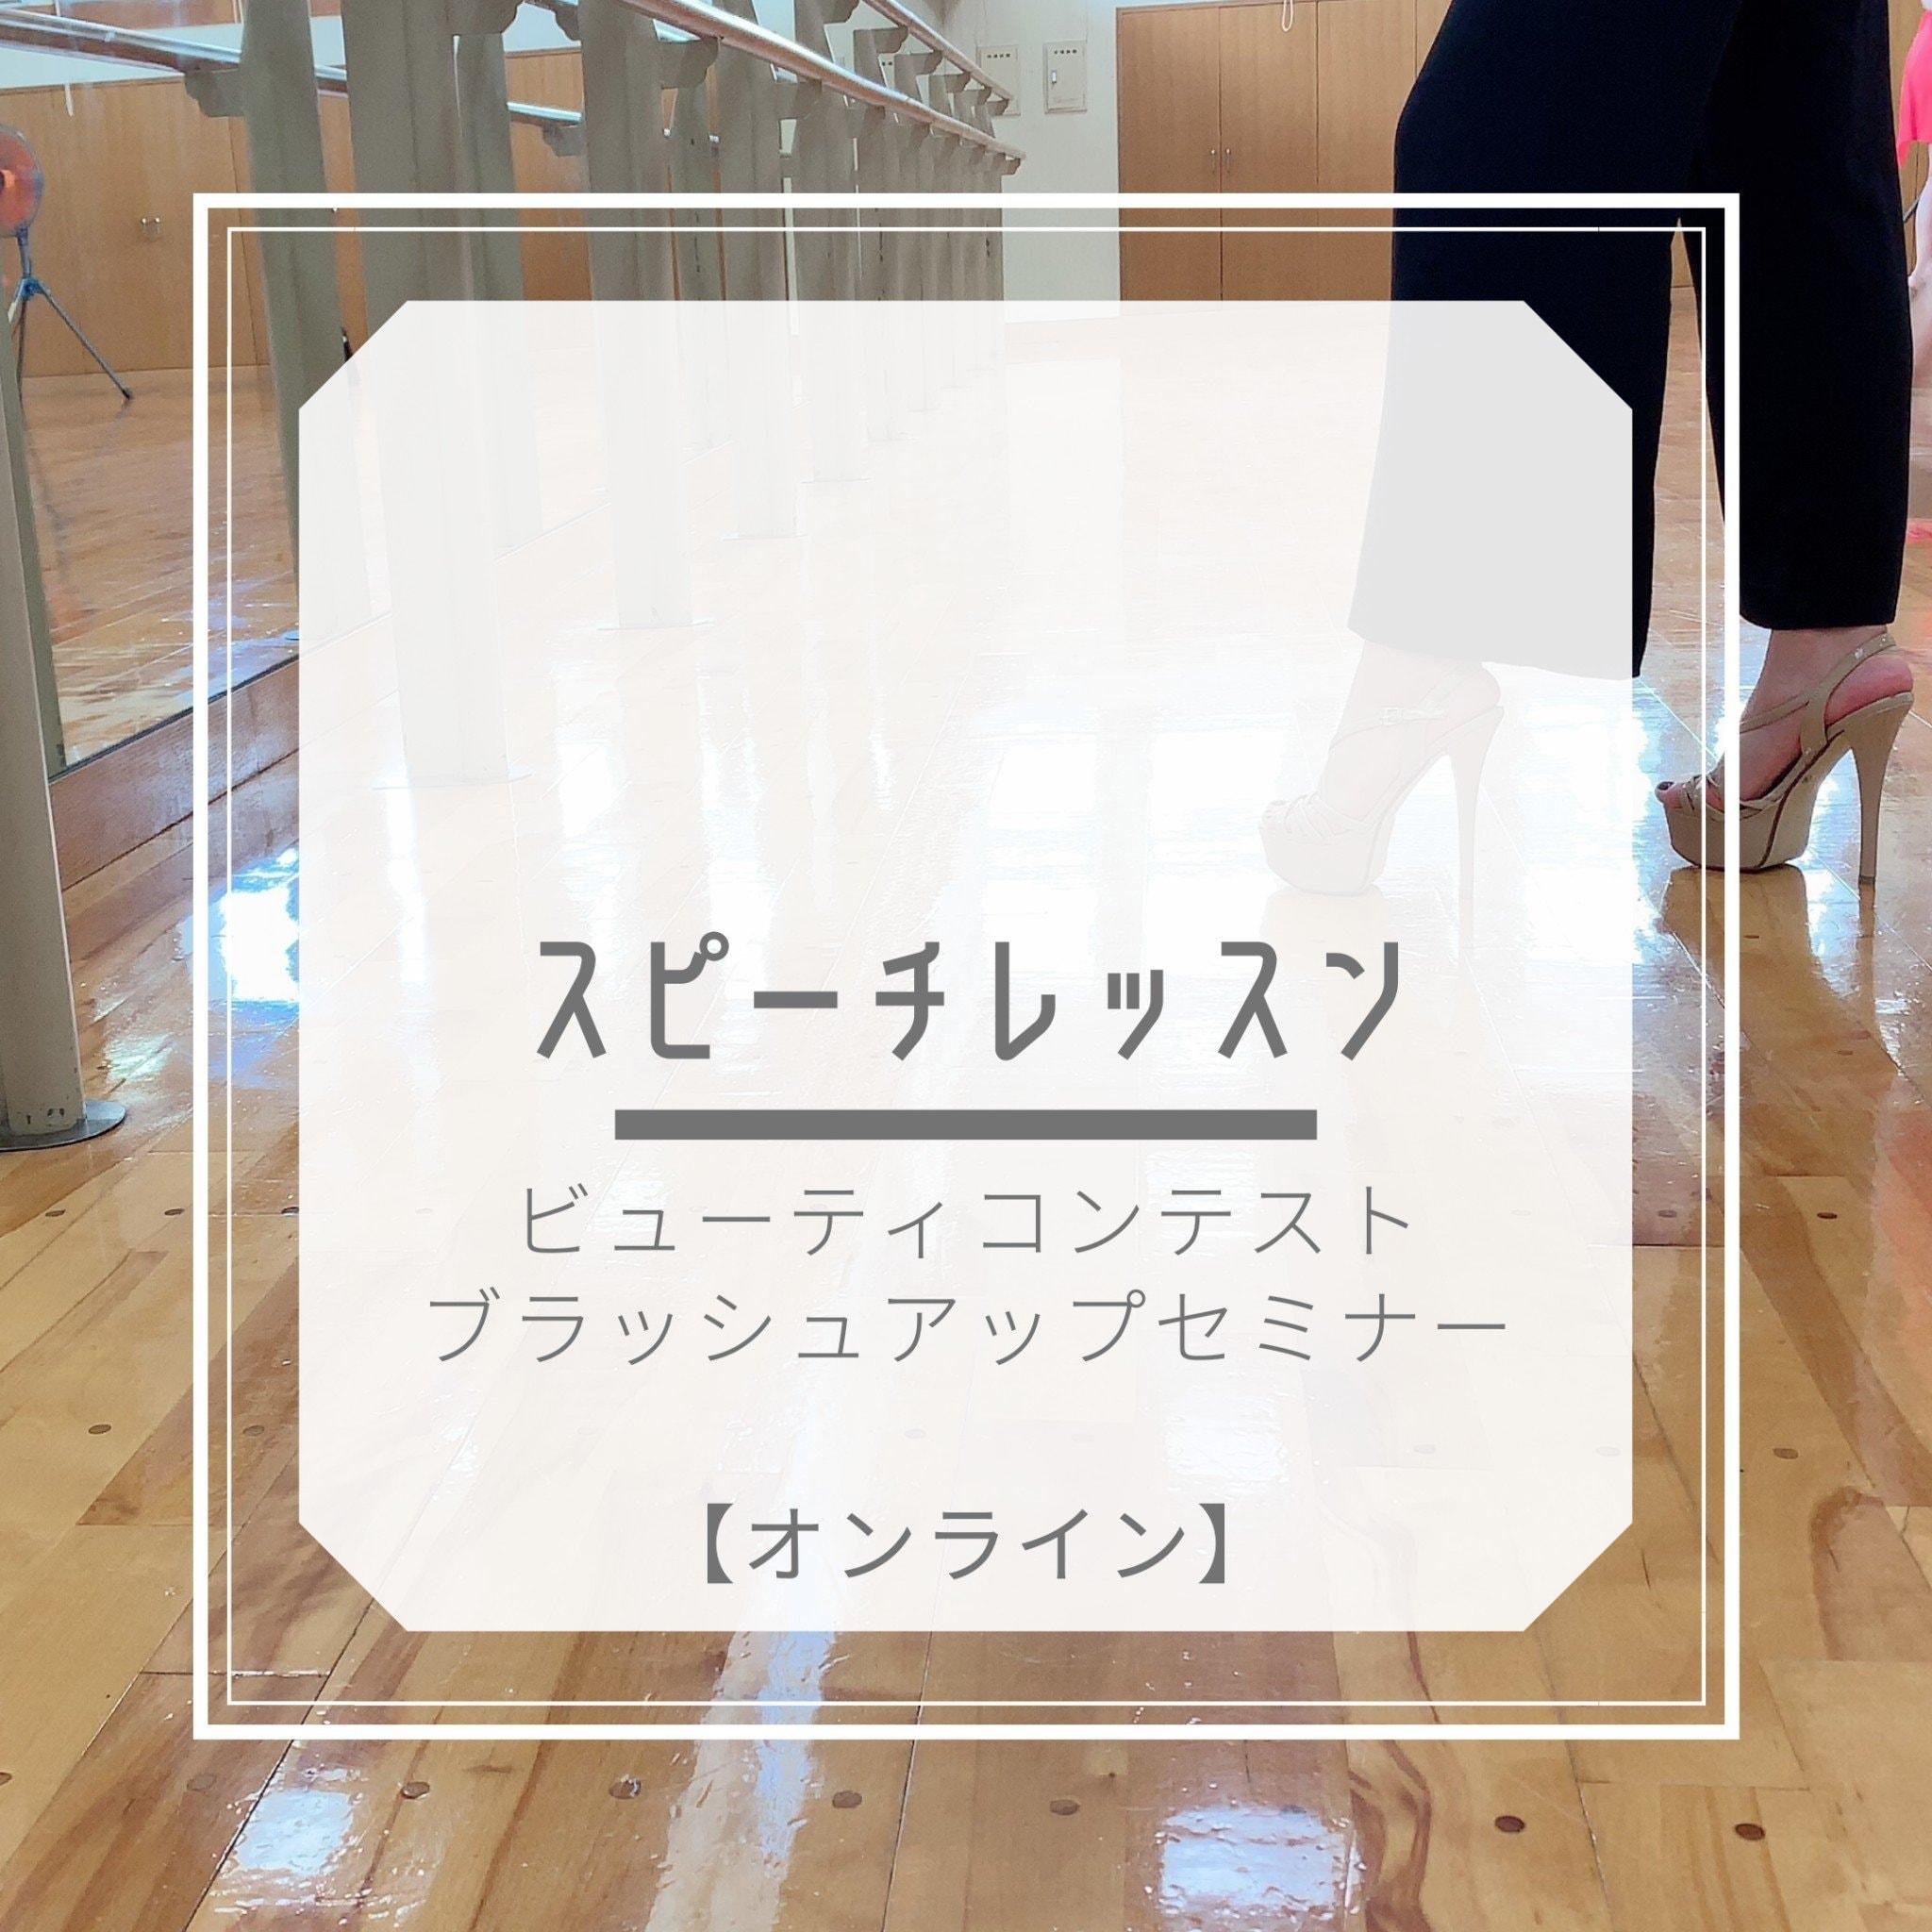 ビューティーコンテストセミナー〜スピーチレッスン〜のイメージその1